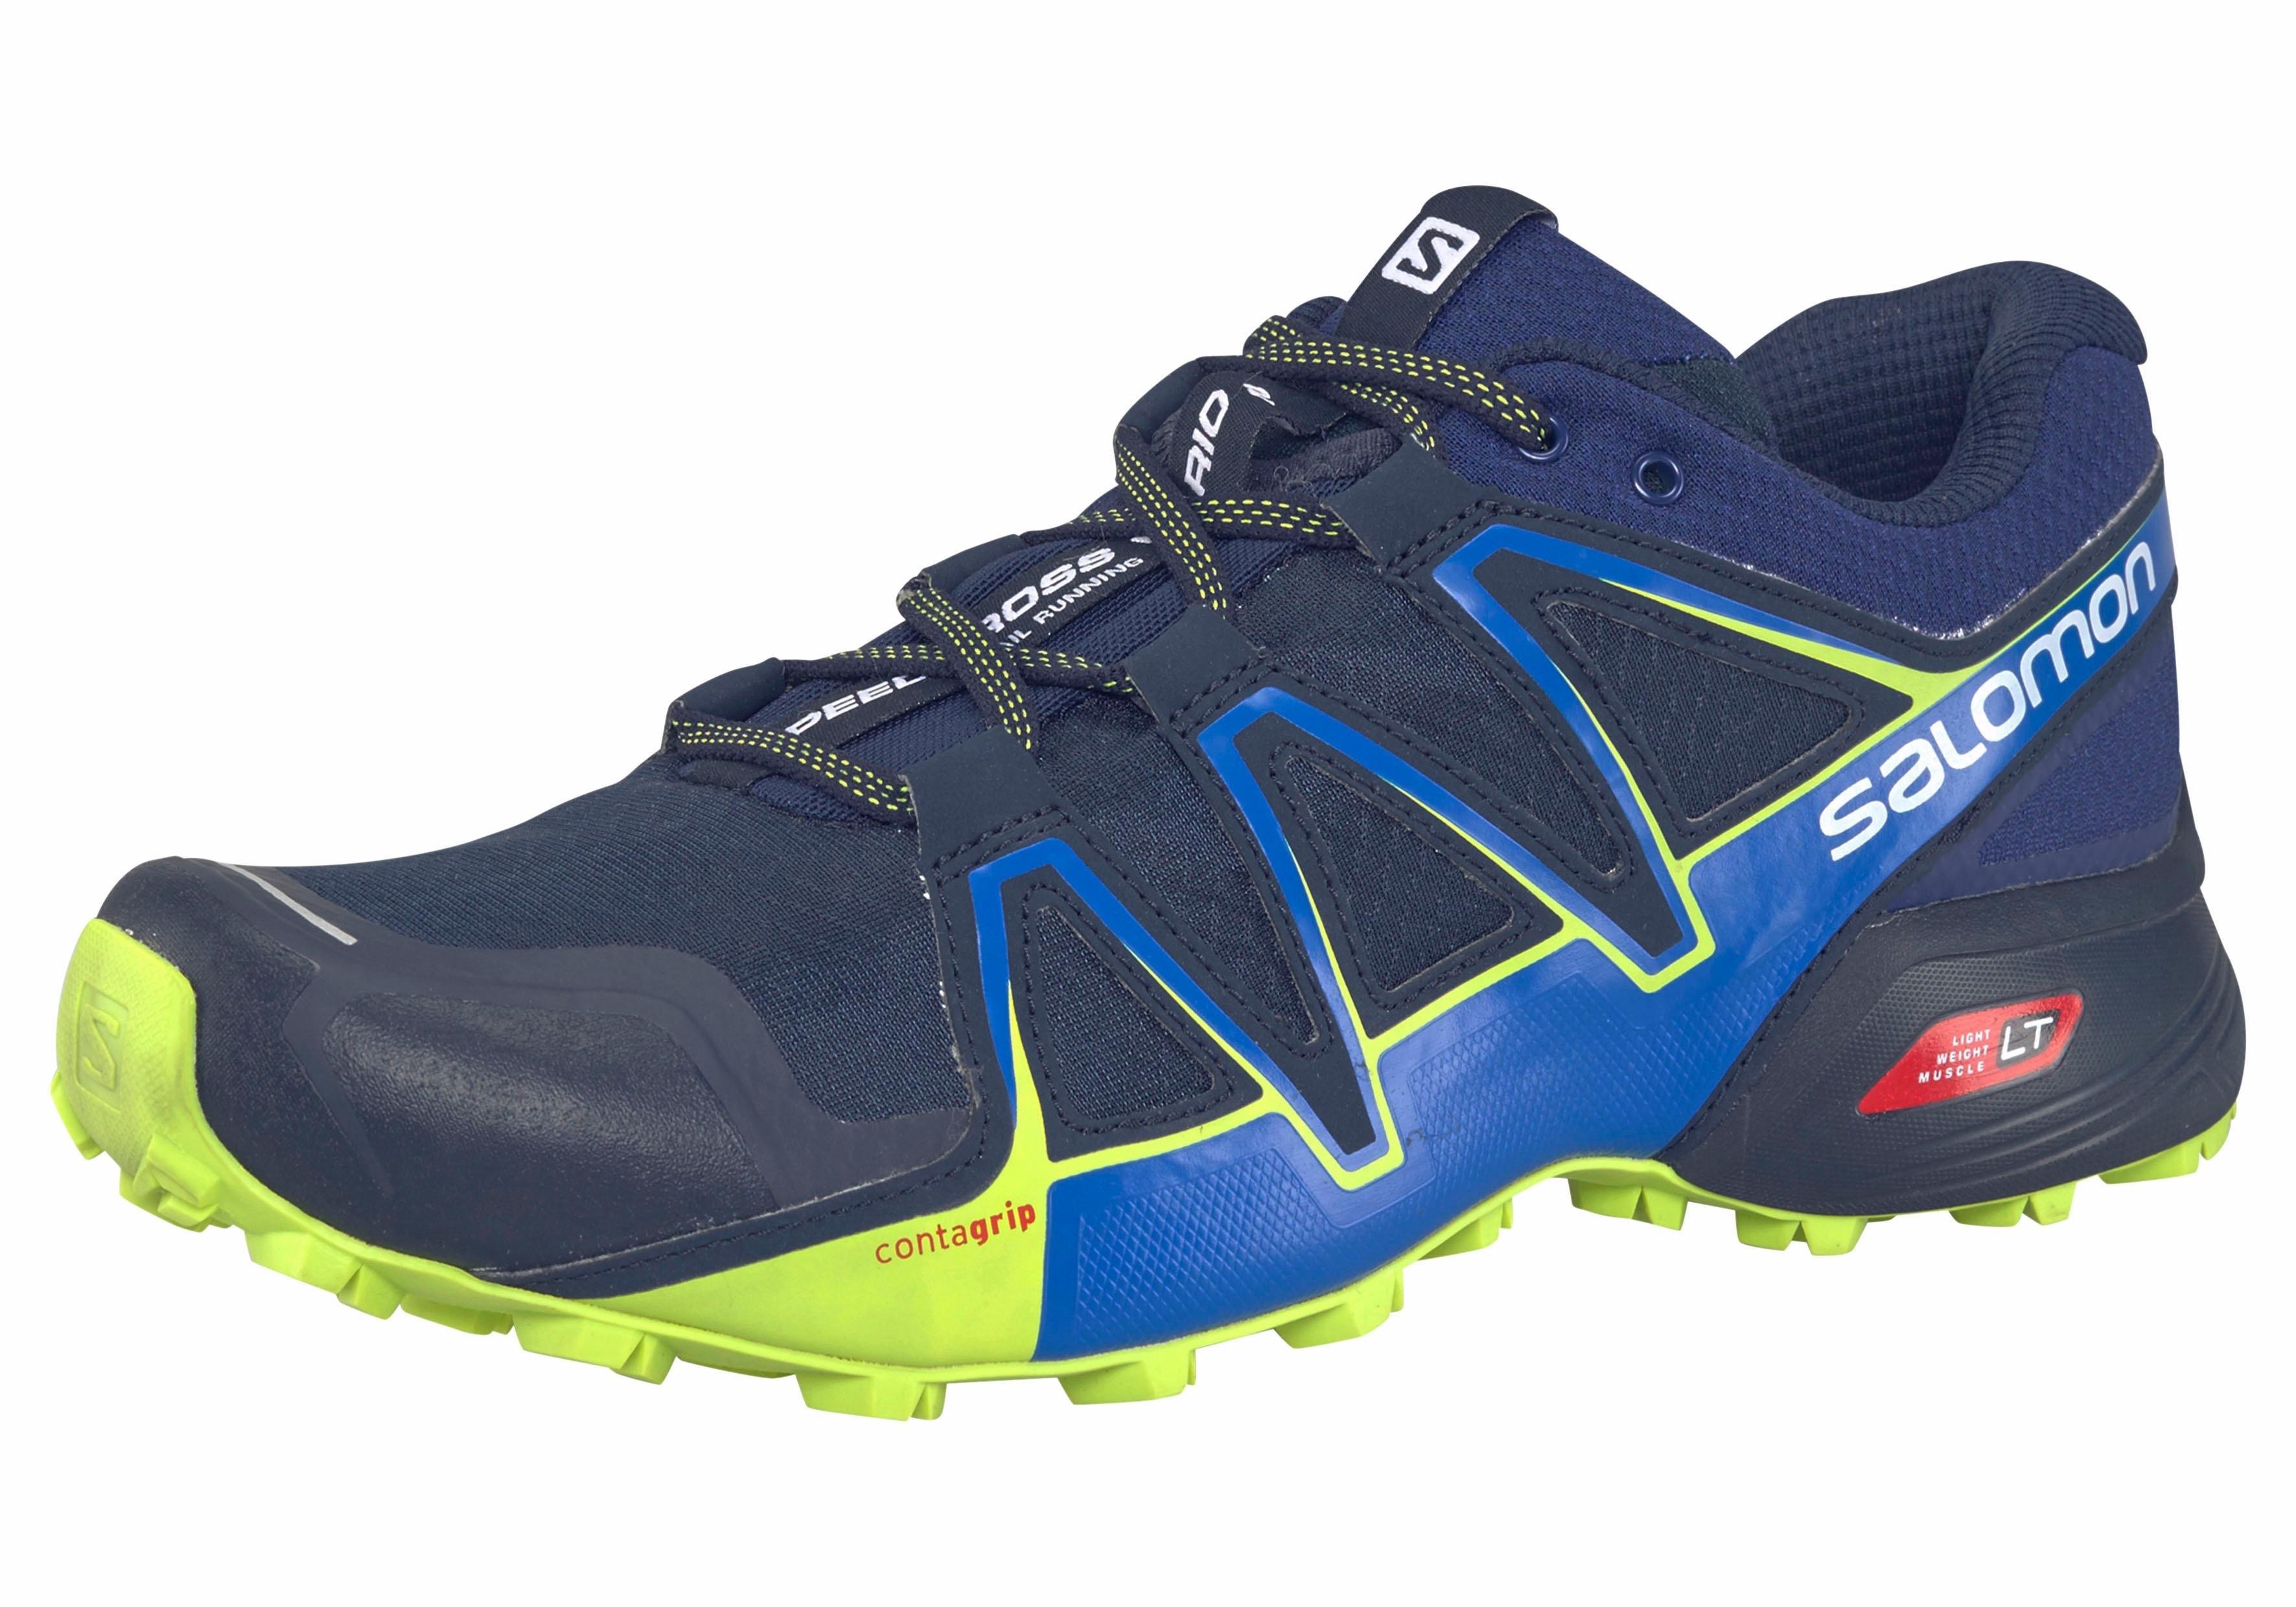 4e29f27ed73 Grote maten wandelschoenen heren. Afbeeldingsbron: Salomon runningschoenen »Speedcross  Vario 2«